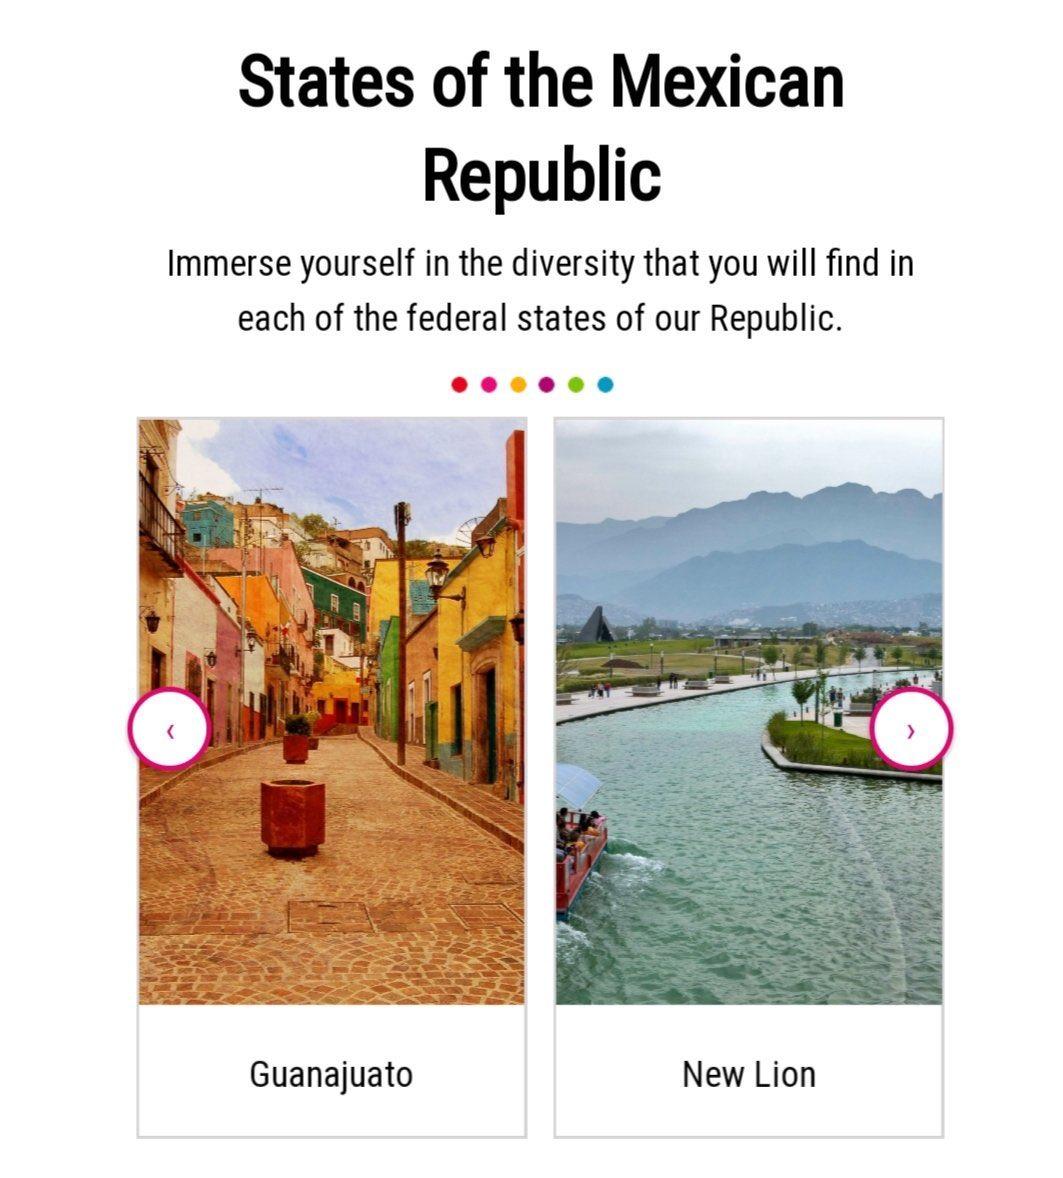 """RT @porkestendencia: """"New Lion"""": Por cómo traduce @SECTUR_mx al estado de Nuevo León en su página. https://t.co/QOJFSTargq"""